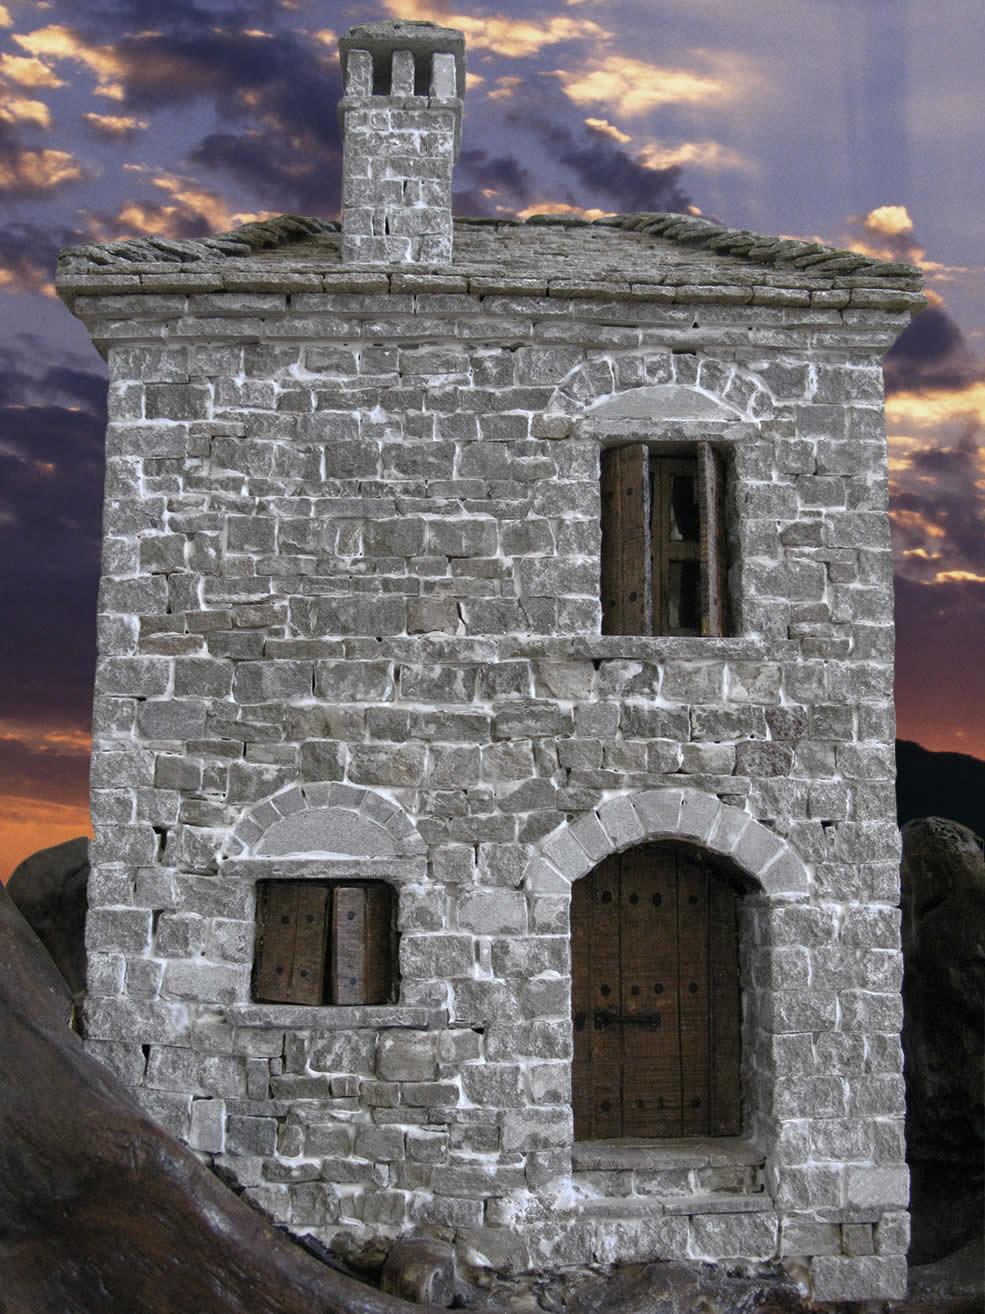 Πέτρινη κατοικία στην Κόνιτσα - μικρογραφία από πέτρα - Α. Τέφος, Κόνιτσα